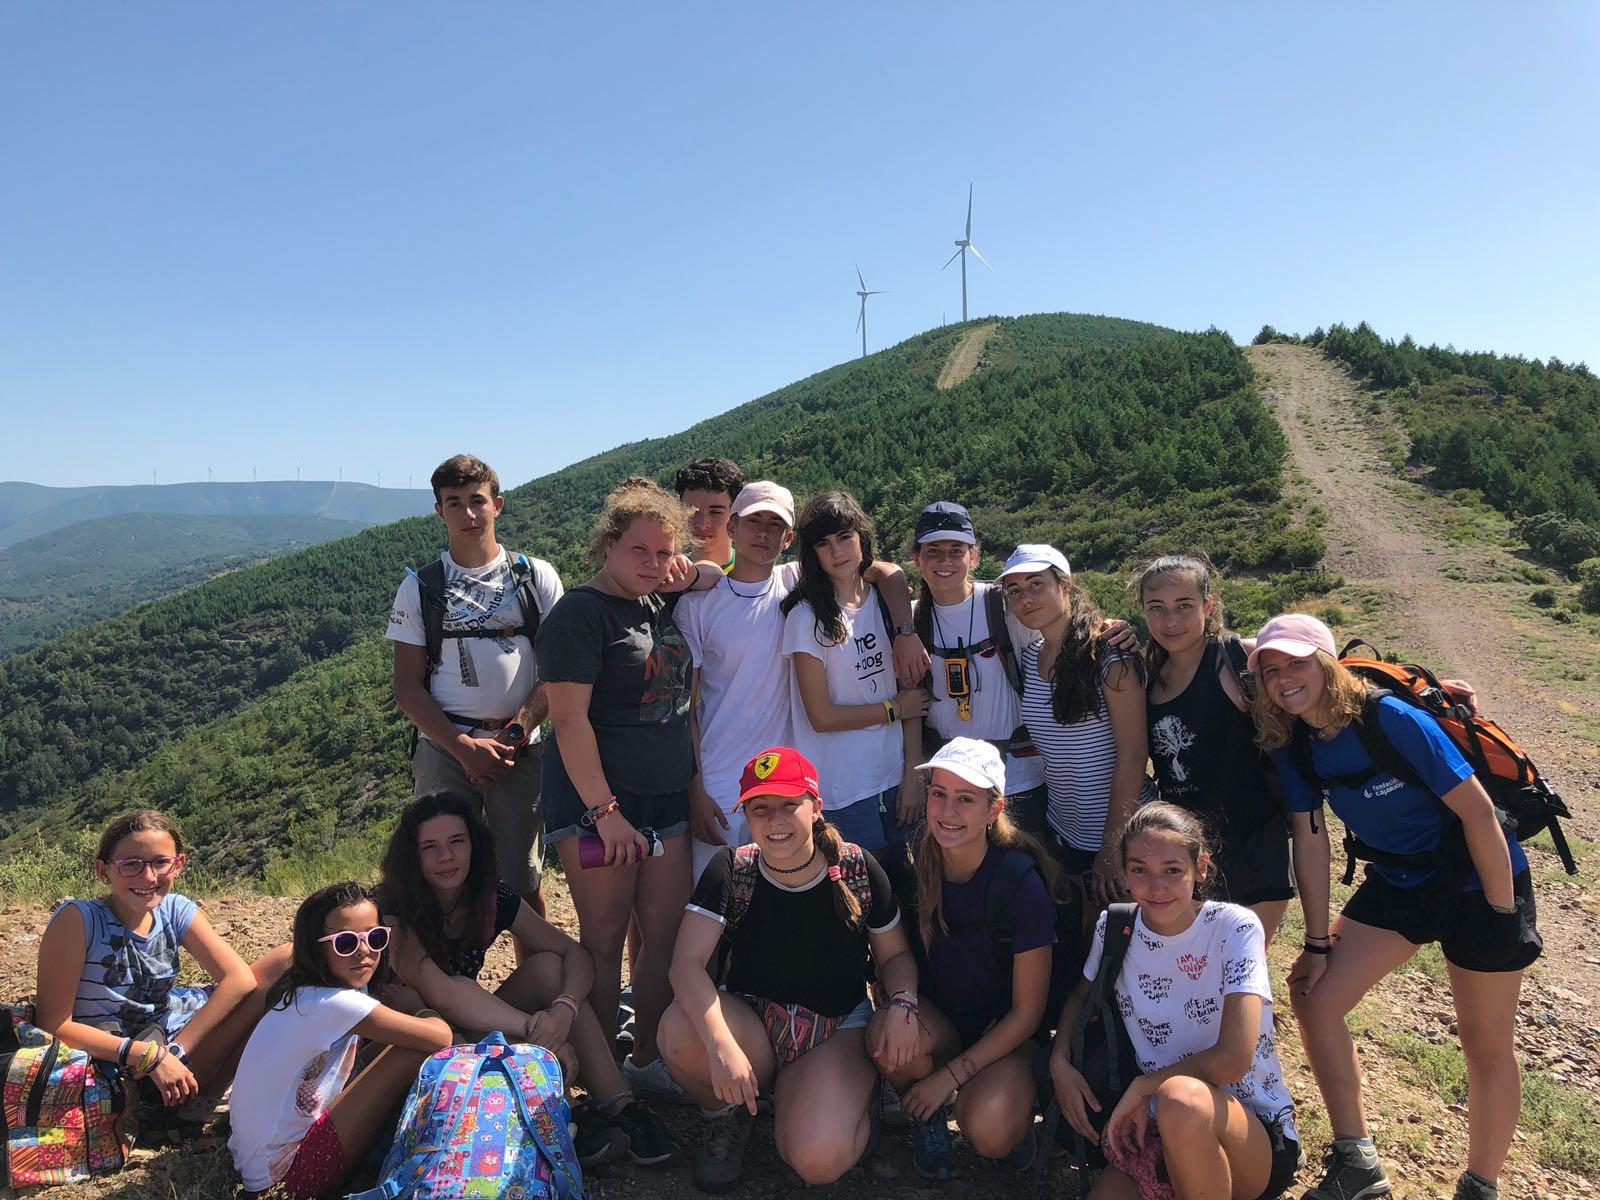 Campamentos de verano multiaventura montaña en España para jóvenes con senderismo